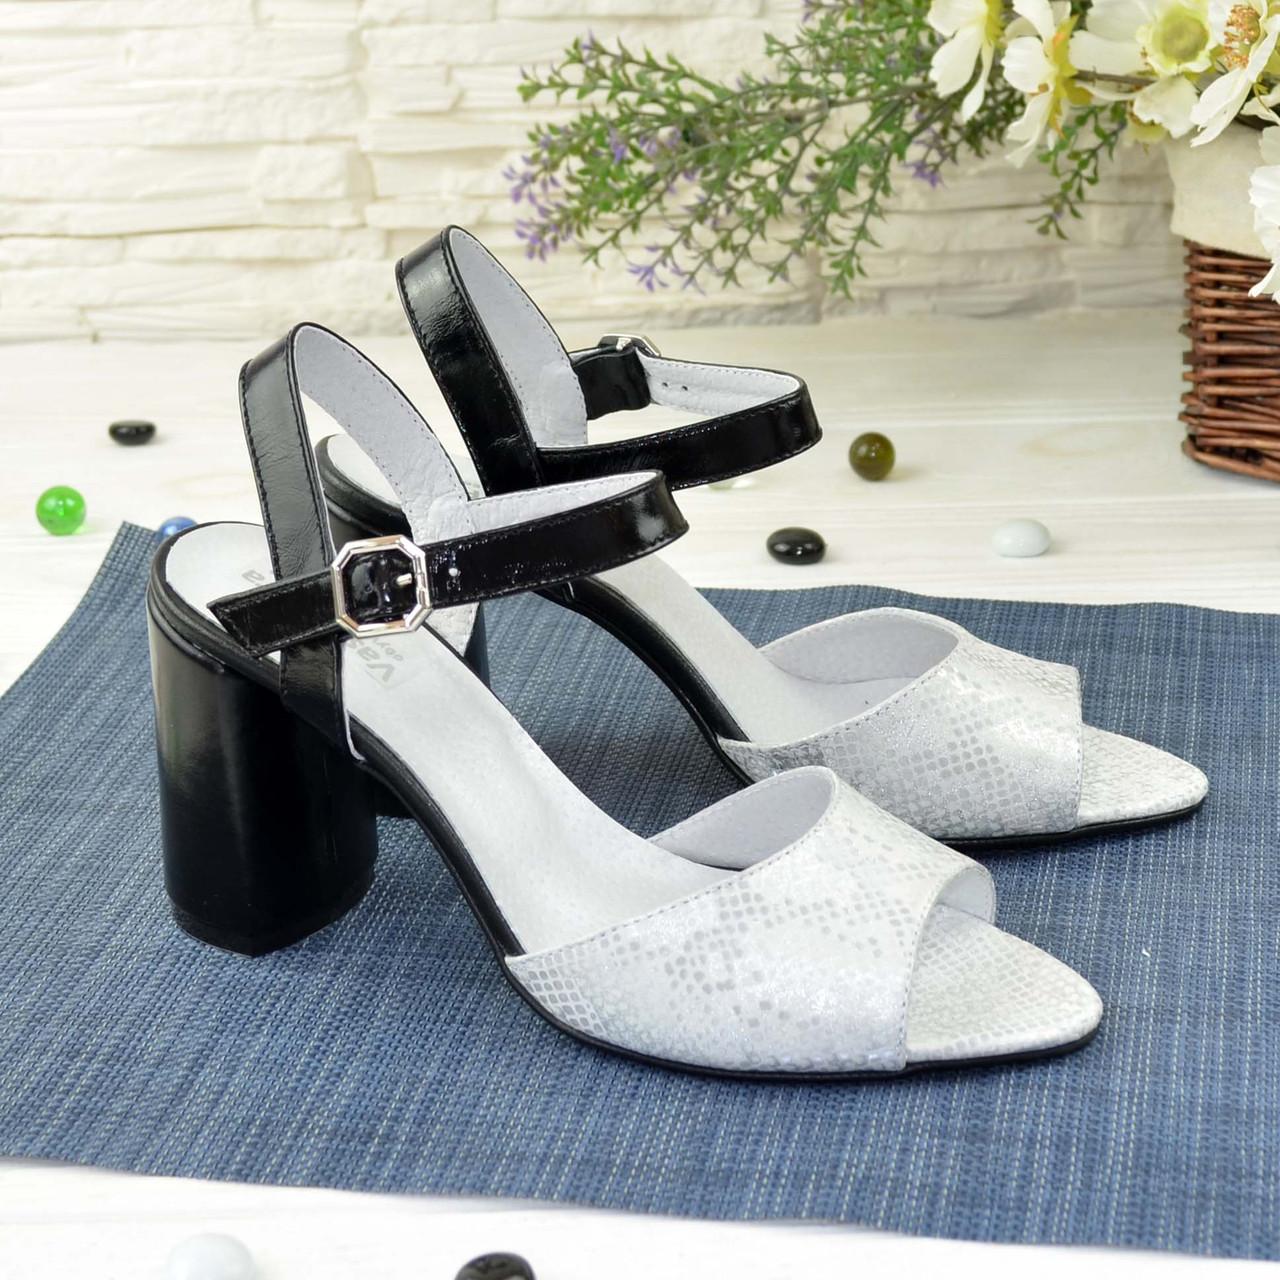 Босоножки кожаные женские на высоком каблуке, цвет белый/черный